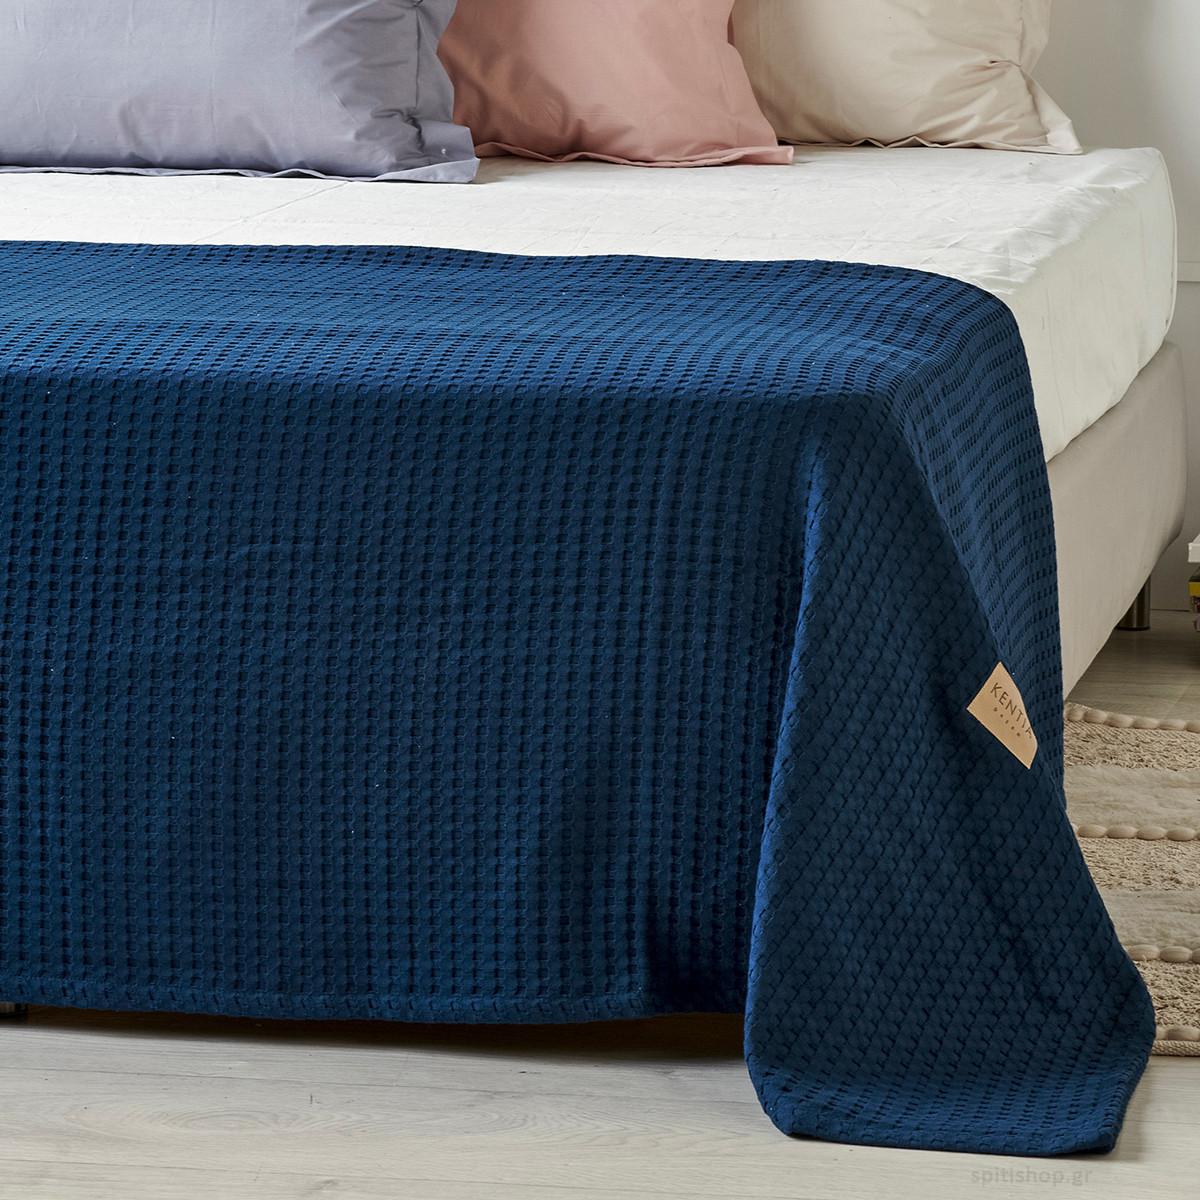 Κουβέρτα Πικέ King Size Kentia Loft Mariner 01 home   κρεβατοκάμαρα   κουβέρτες   κουβέρτες πικέ υπέρδιπλες